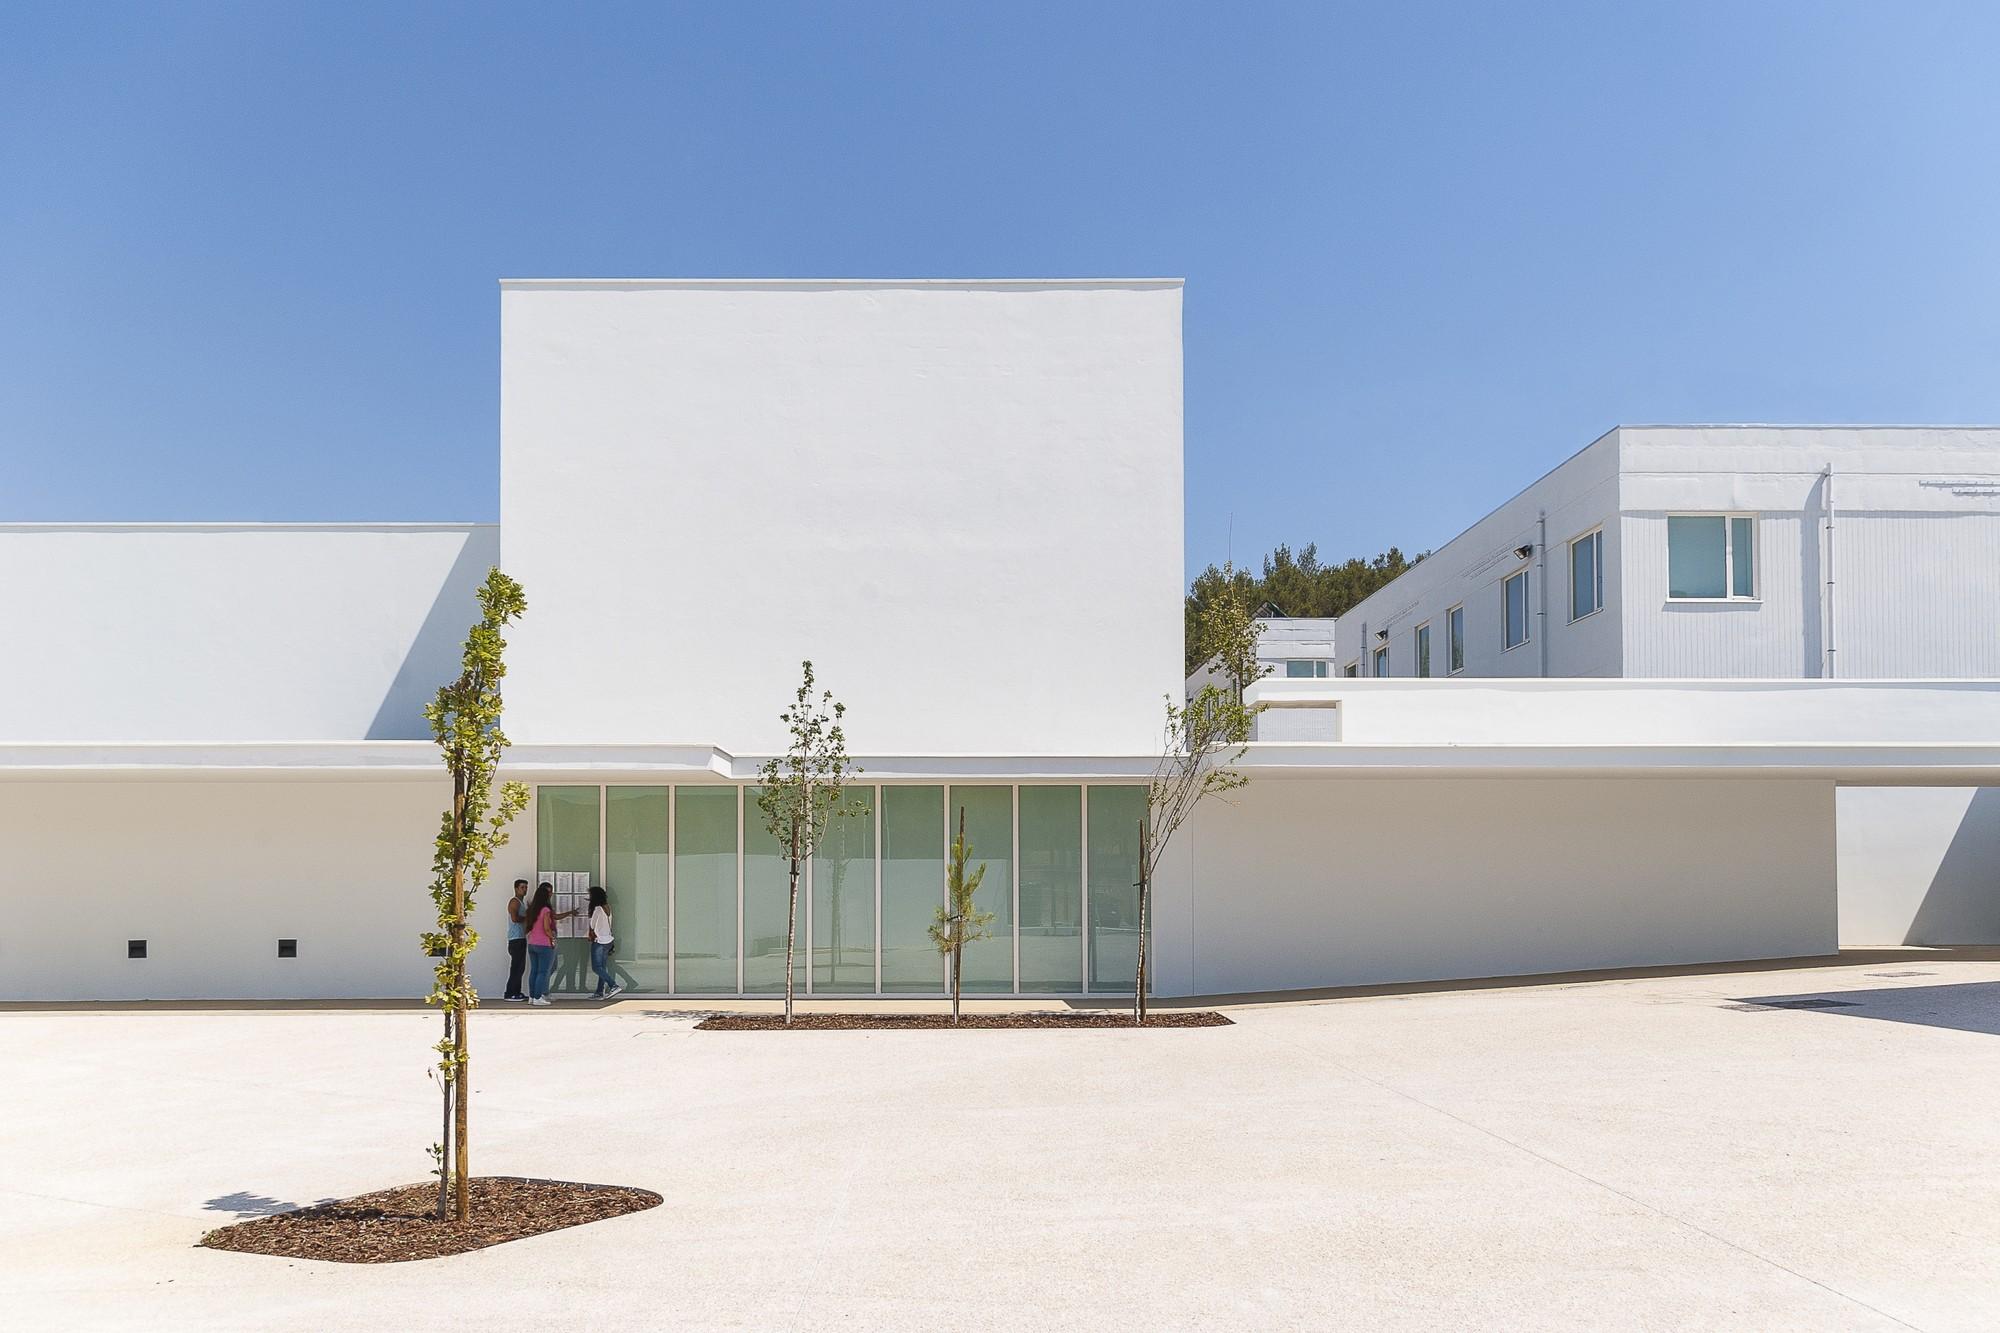 Modernização da Escola Lima de Freitas / Ricardo Carvalho + Joana Vilhena Arquitectos, © Nuno Gaspar / RCJV Arquitectos